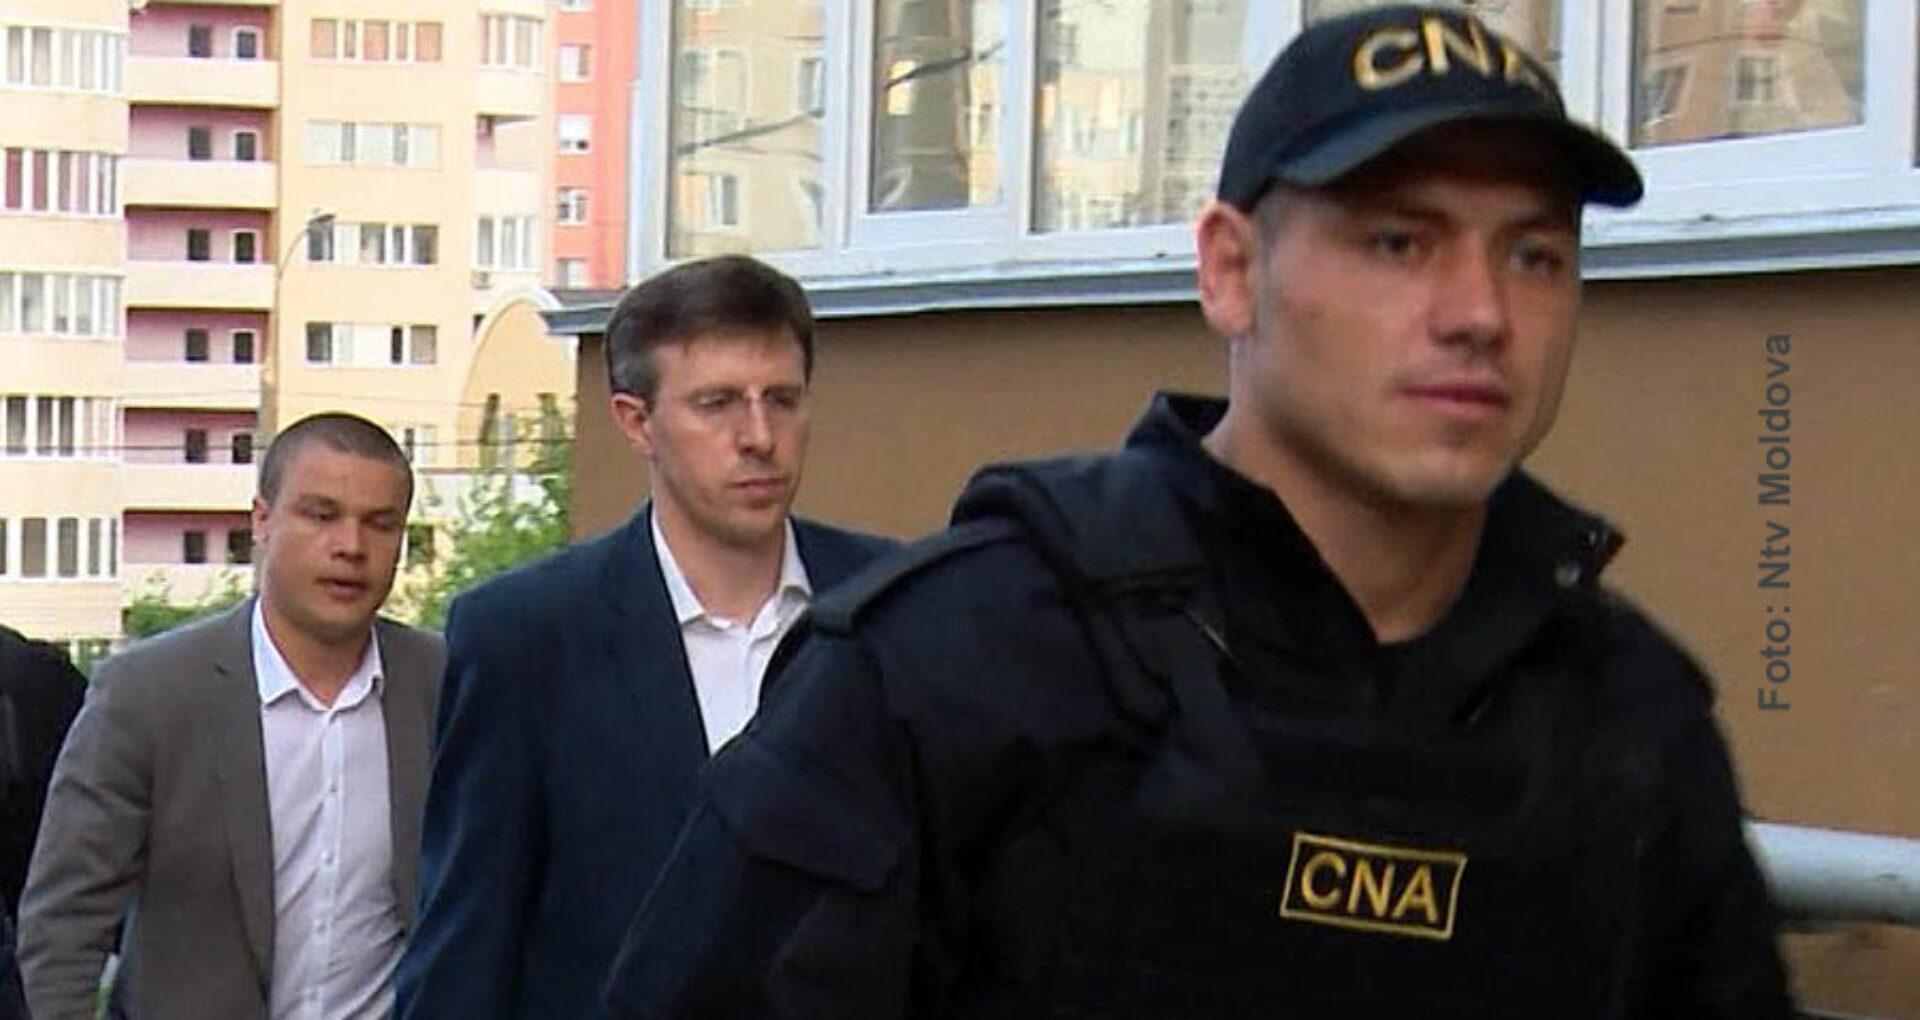 Decizia Curții de Apel Chișinău: Dorin Chirtoacă rămâne în arest la domiciliu